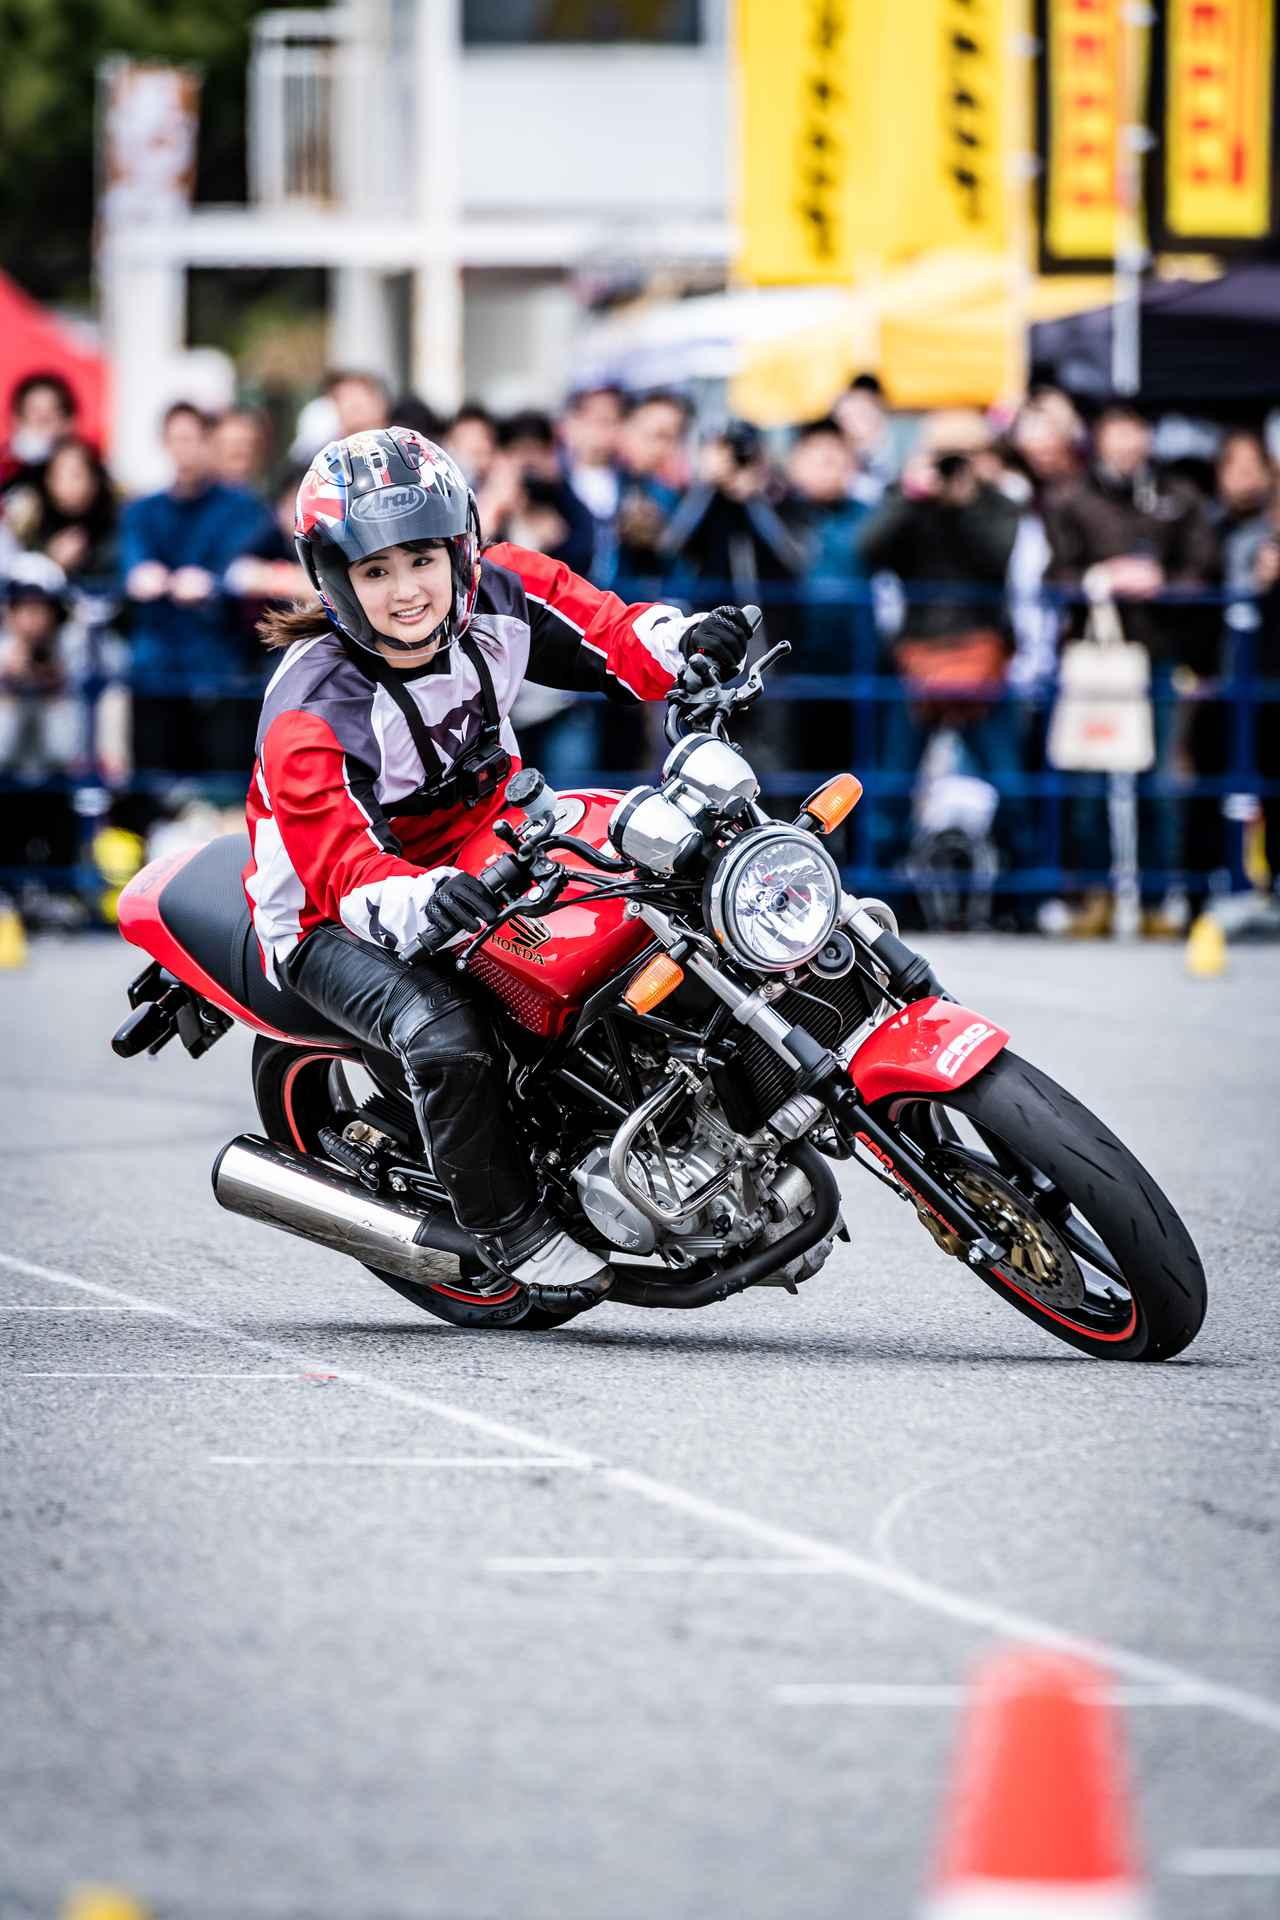 Images : 15番目の画像 - 「50枚以上の厳選写真!「NAPS MOTOGYM」フォトレポート!」のアルバム - webオートバイ